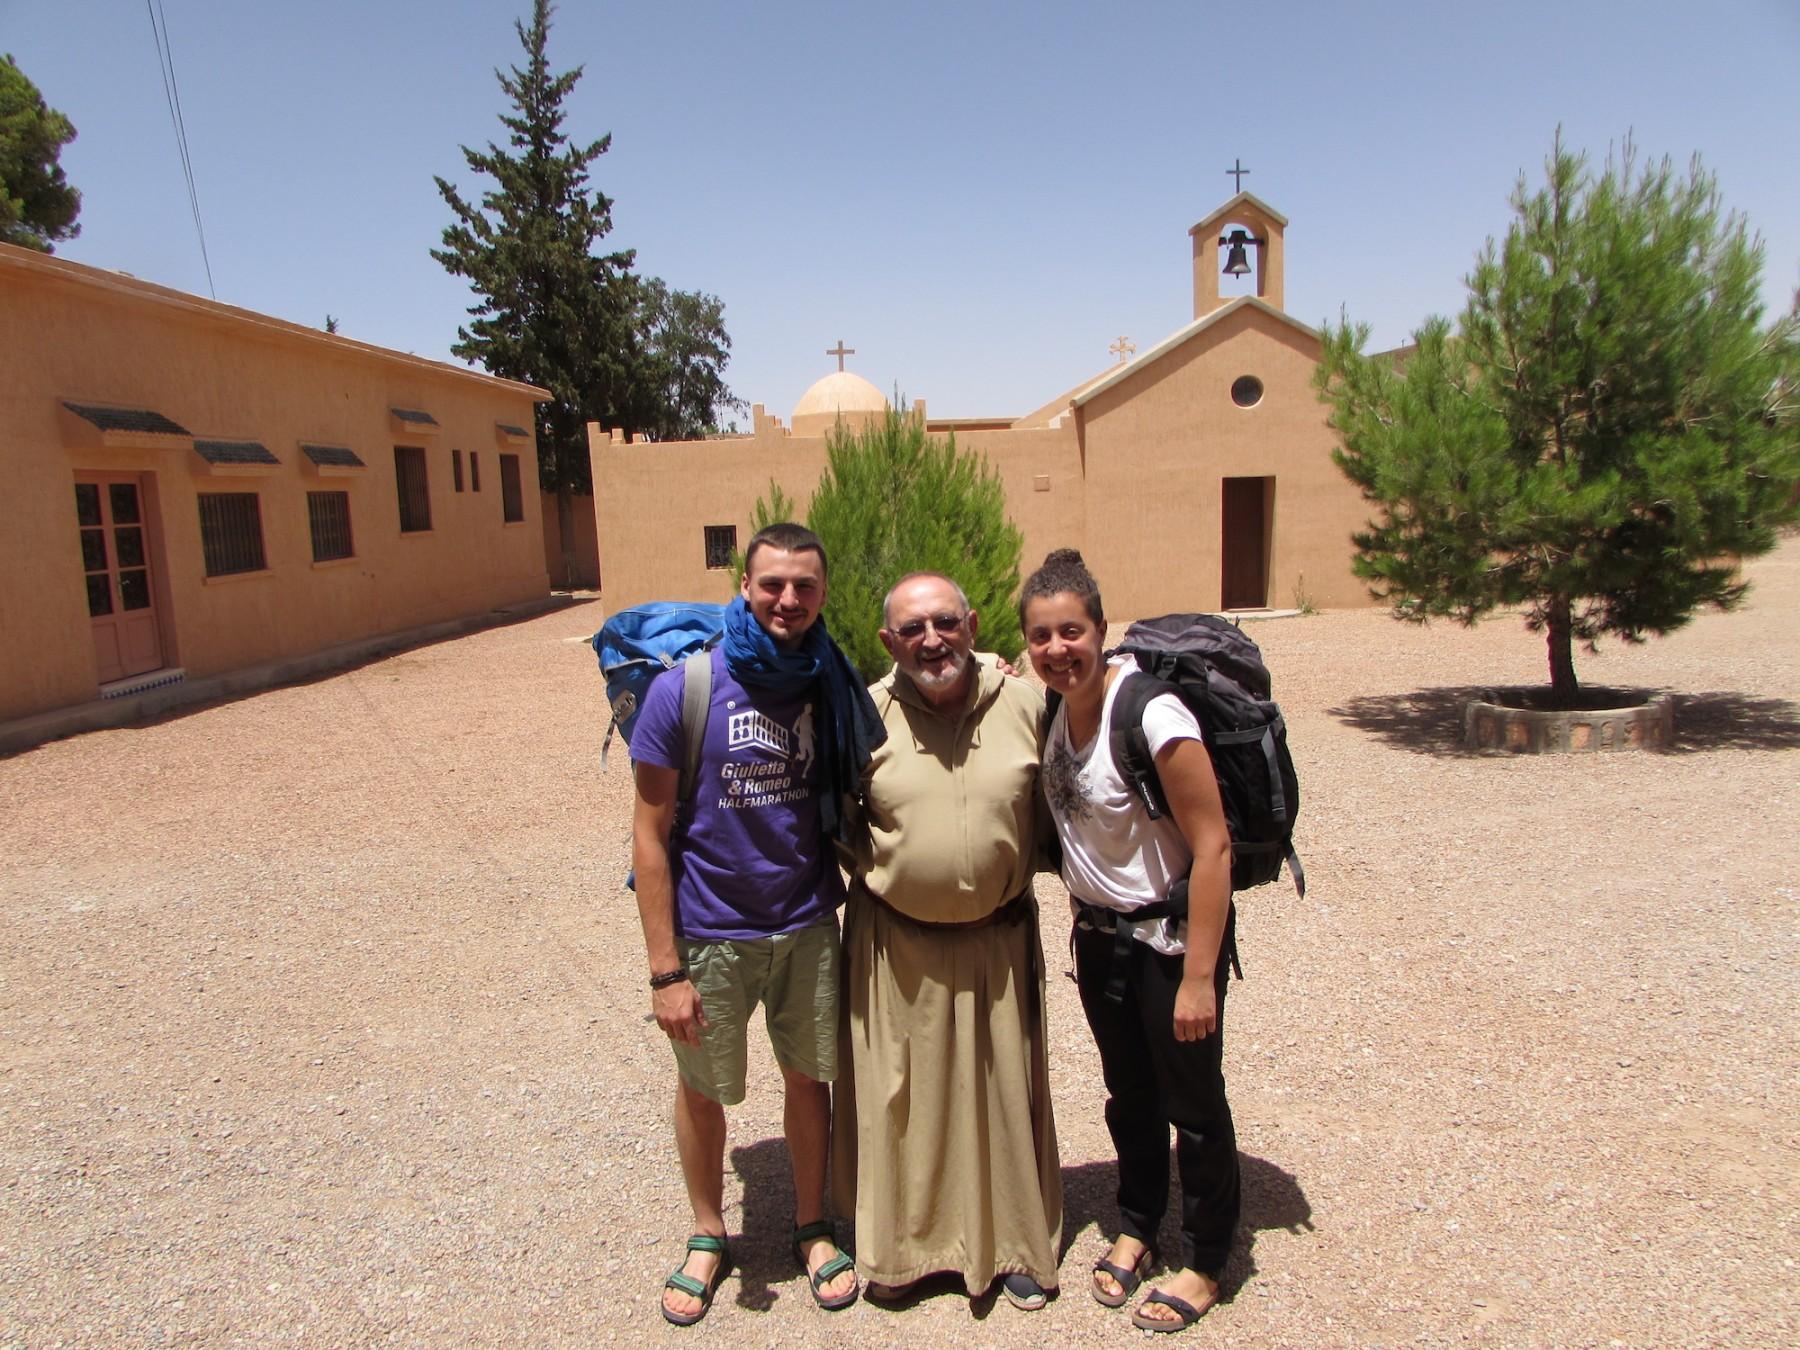 L'esperienza di Sara in Marocco 6